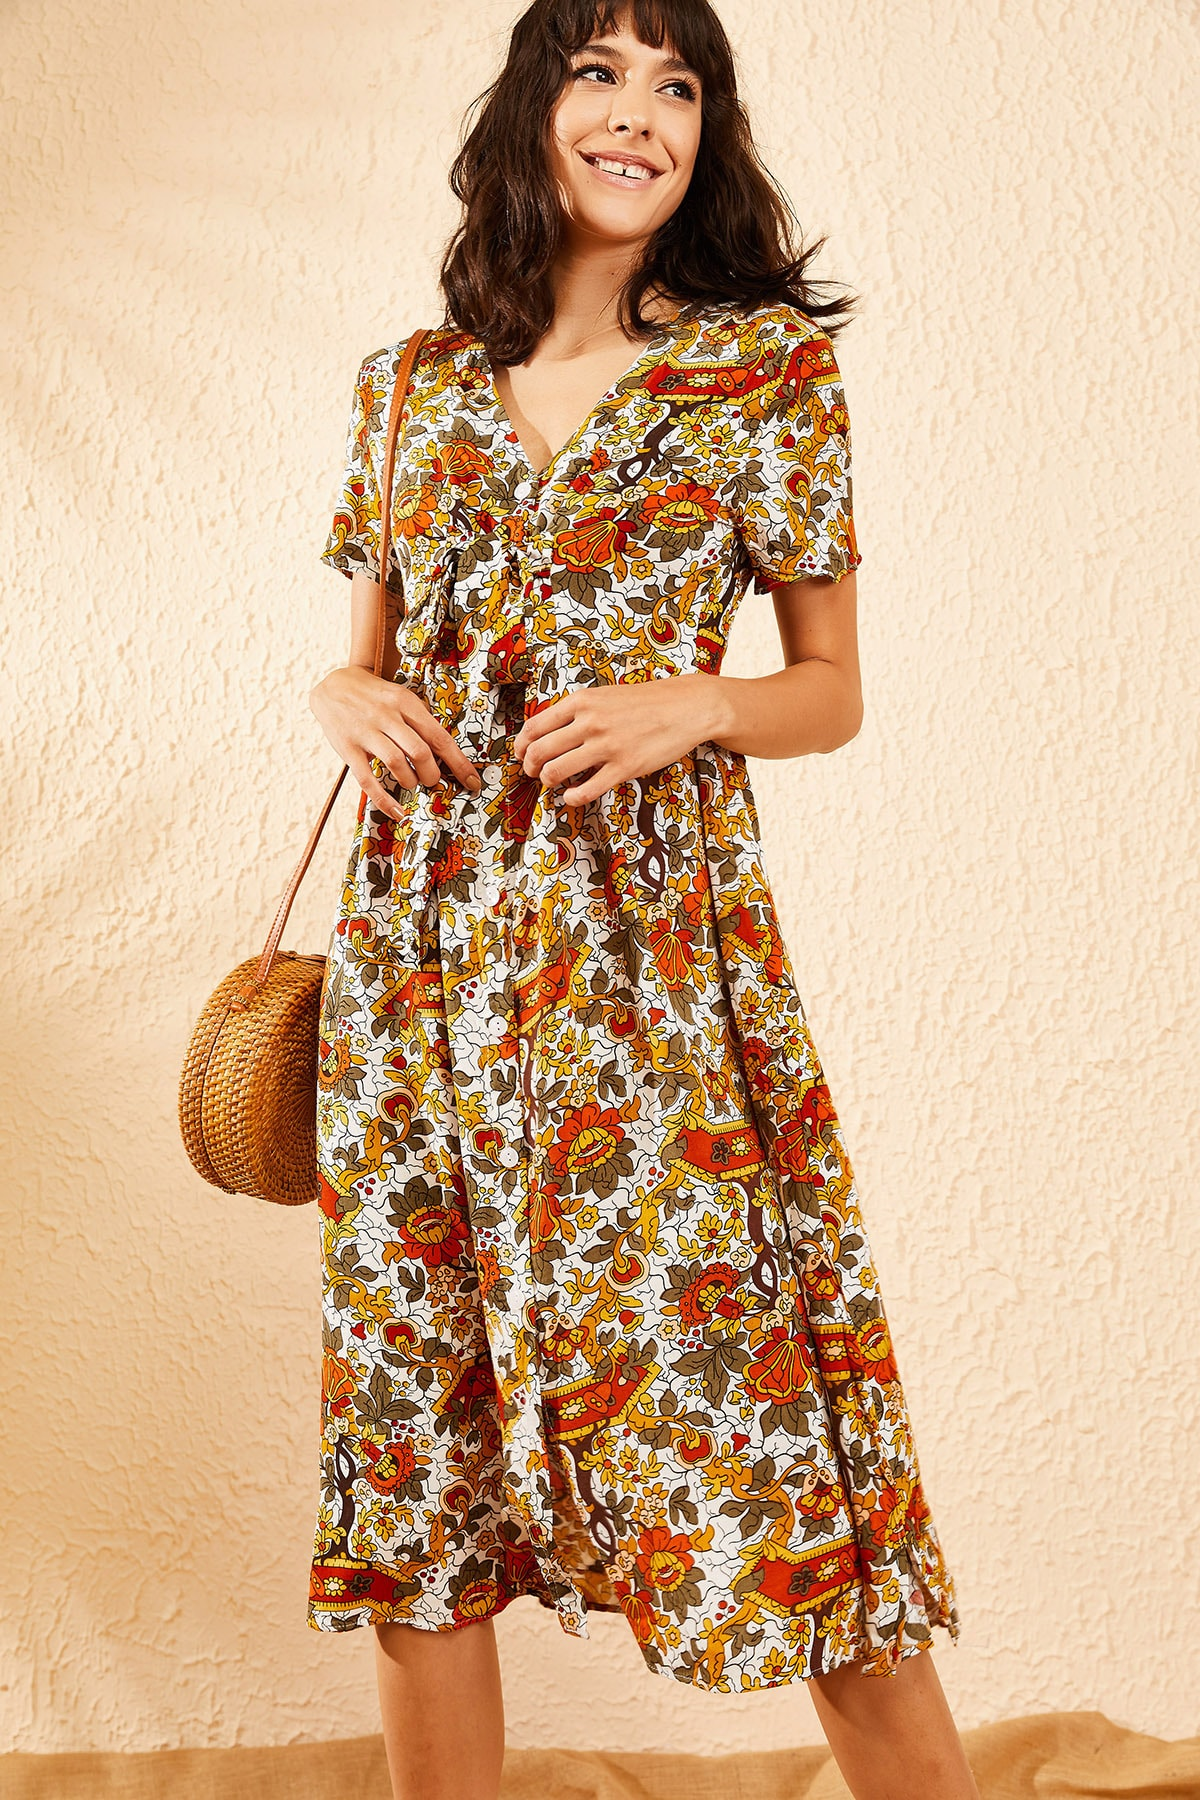 Bianco Lucci Kadın Beyaz Multi Çiçek Desenli Düğme Detaylı Uzun Gömlek  Elbise 10081006 2